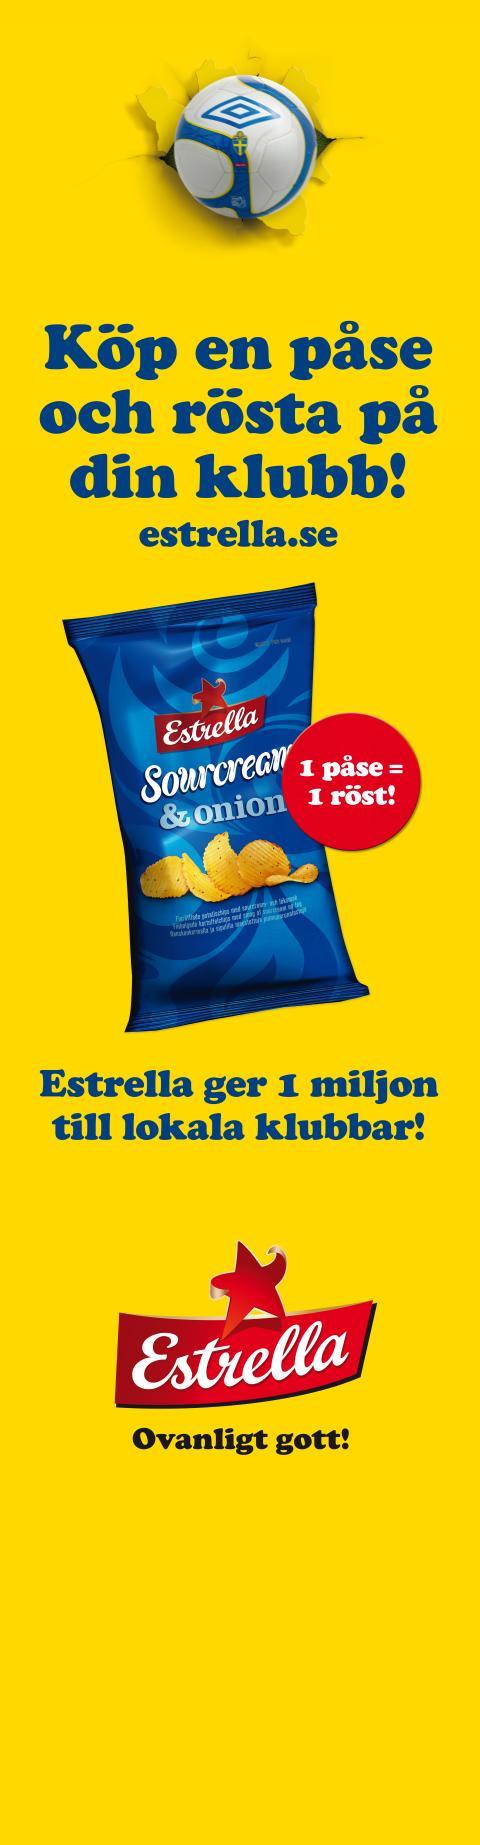 Estrella ger 1 miljon till svenska fotbollsklubbar